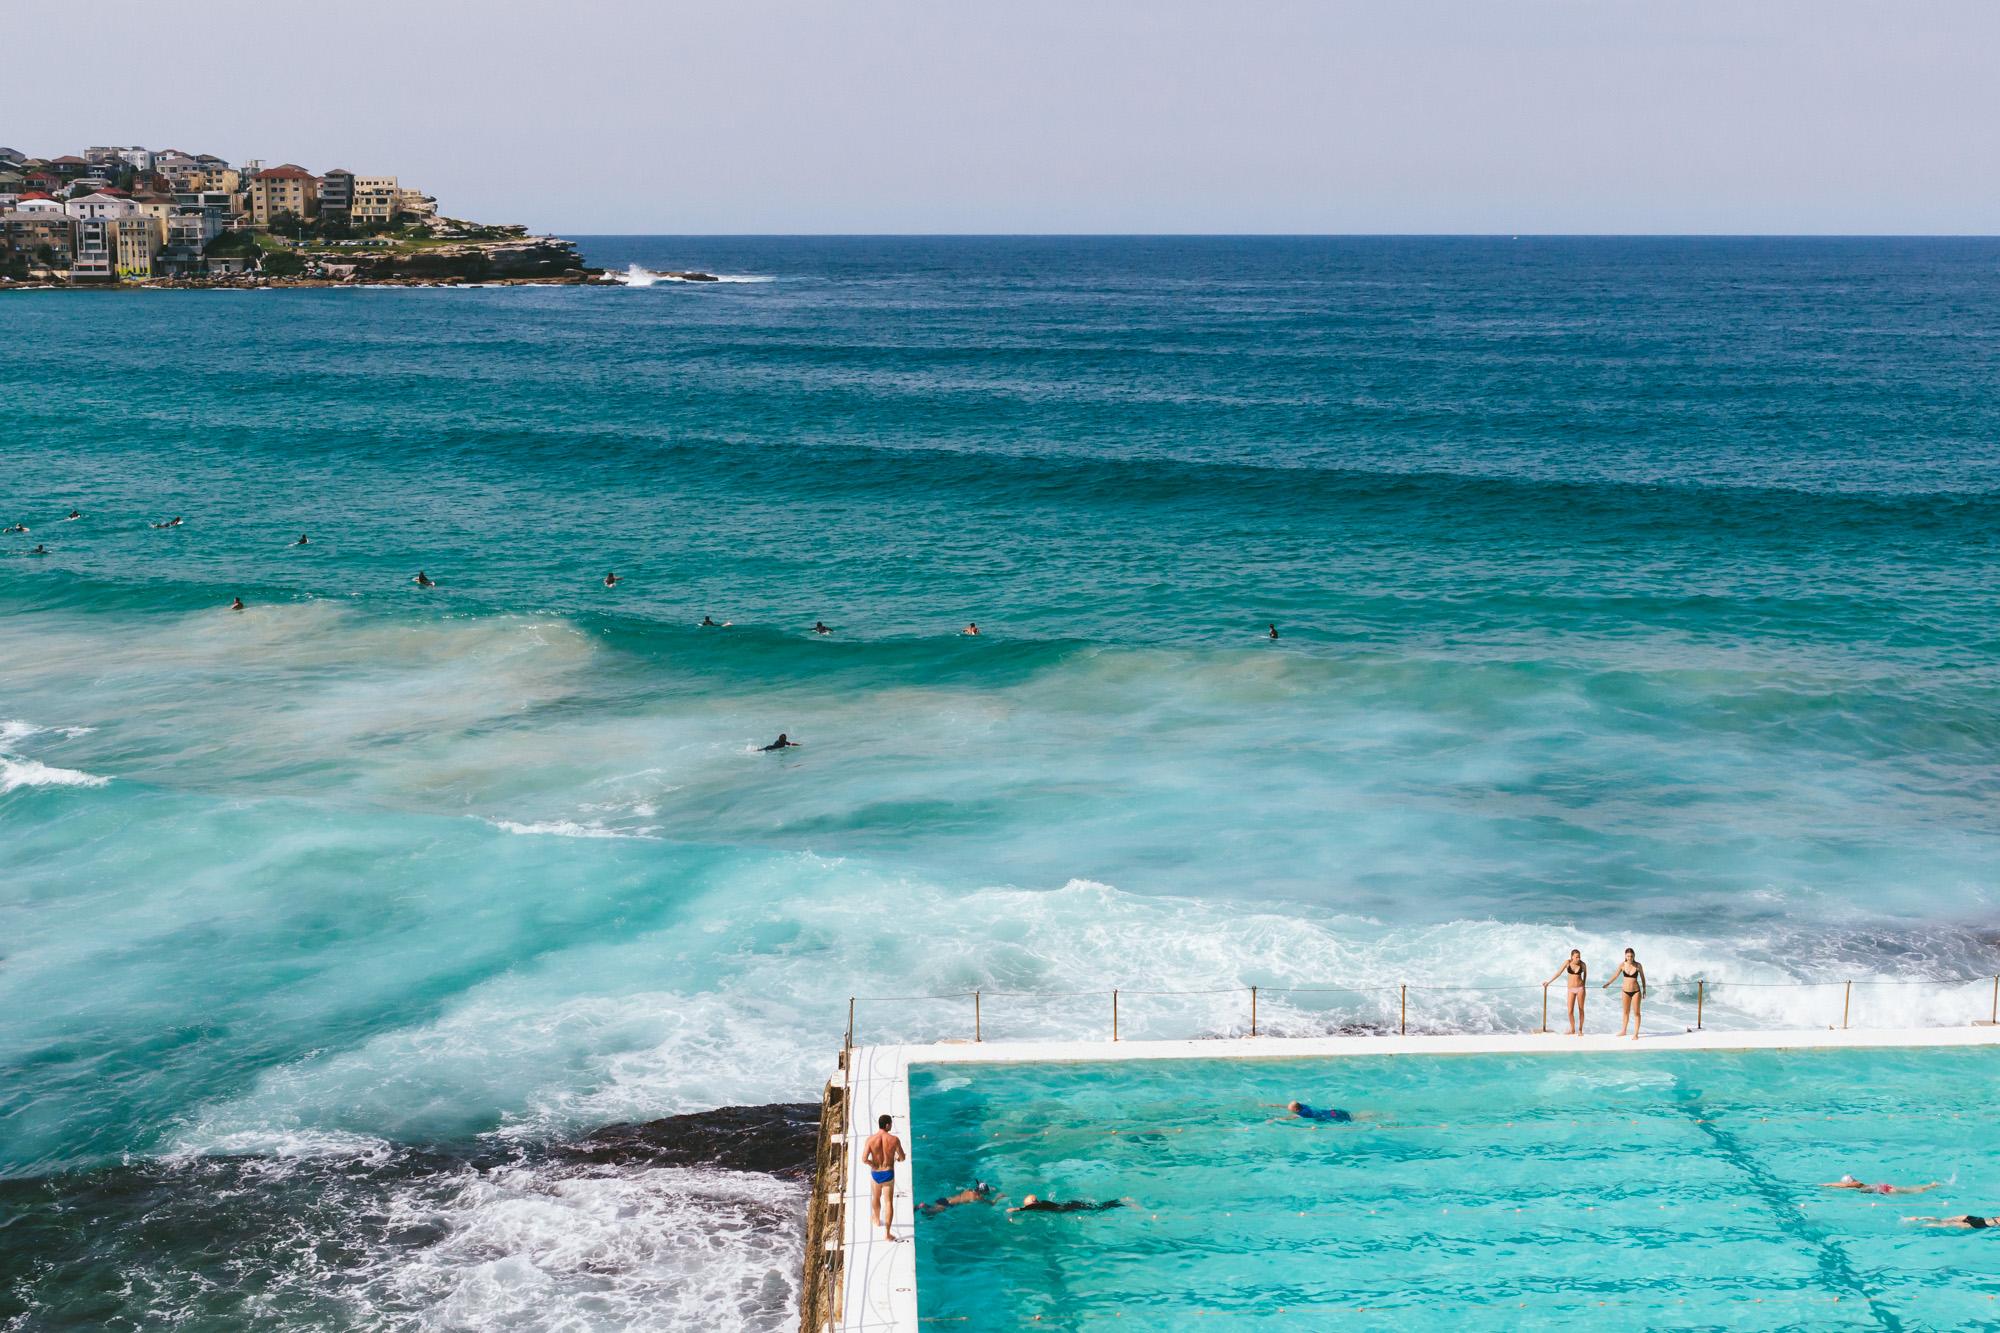 Sydney Bondi Iceberg pool